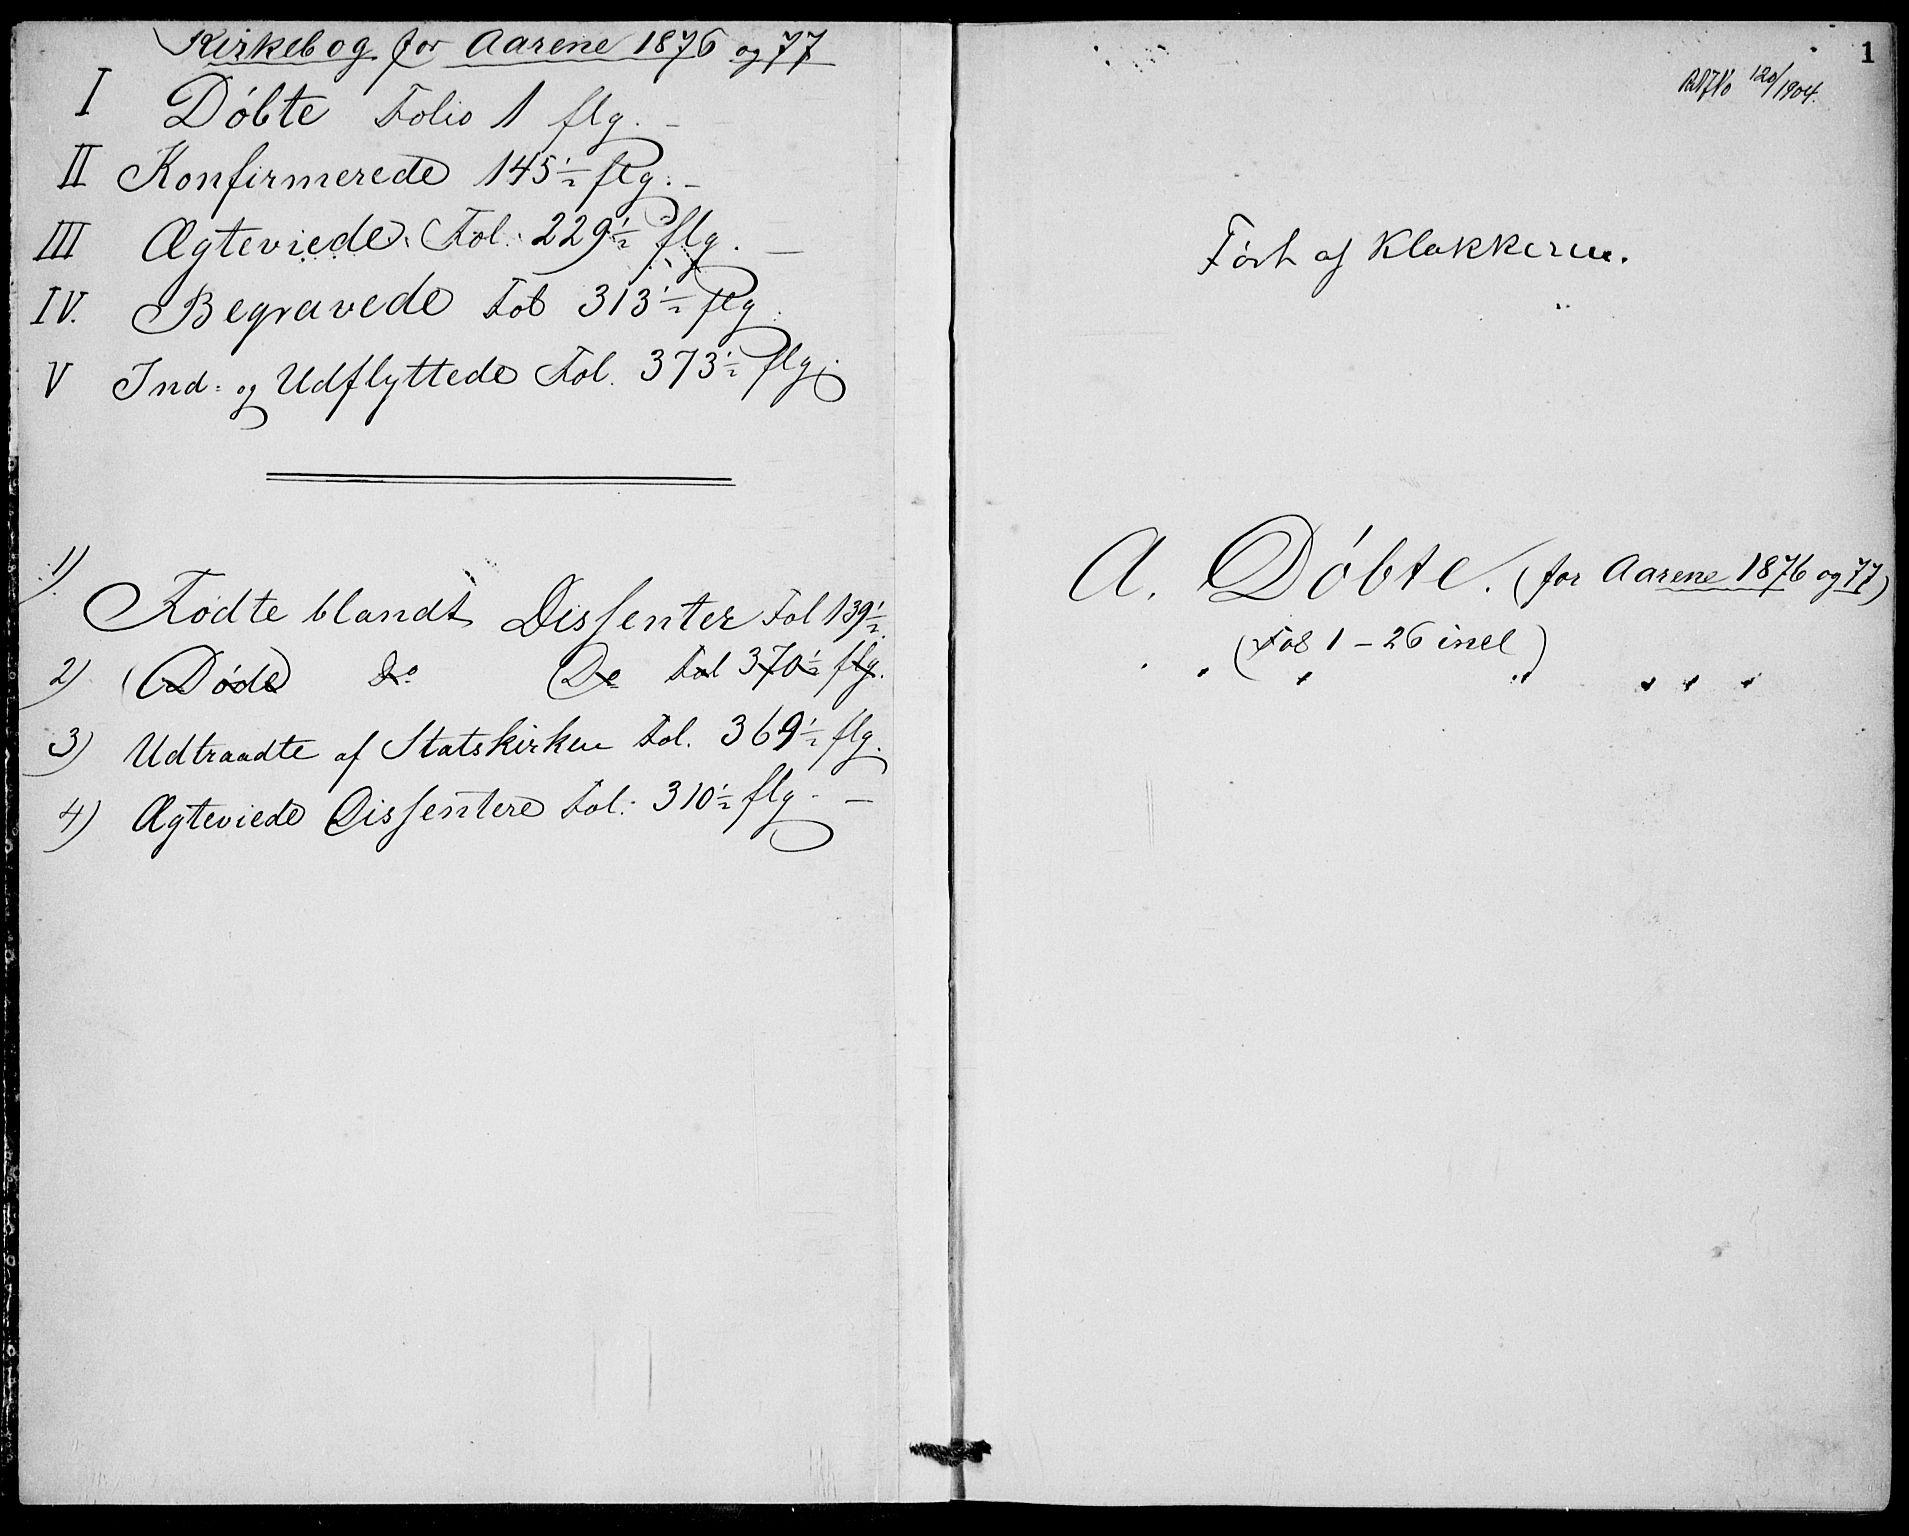 SAKO, Bamble kirkebøker, G/Ga/L0007: Klokkerbok nr. I 7, 1876-1877, s. 1